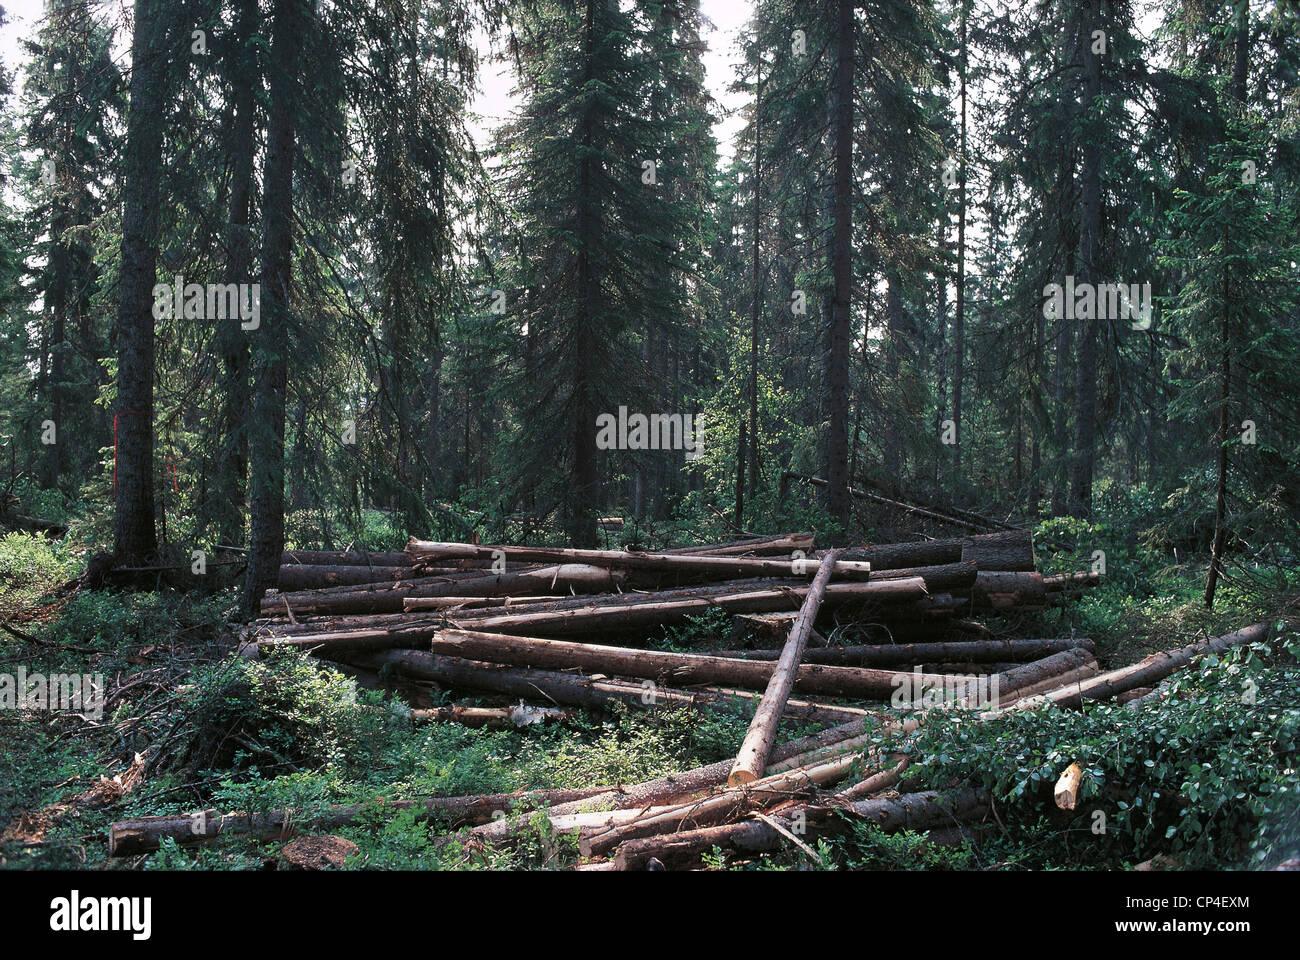 Suecia - Bollstabruck, la deforestación. Imagen De Stock